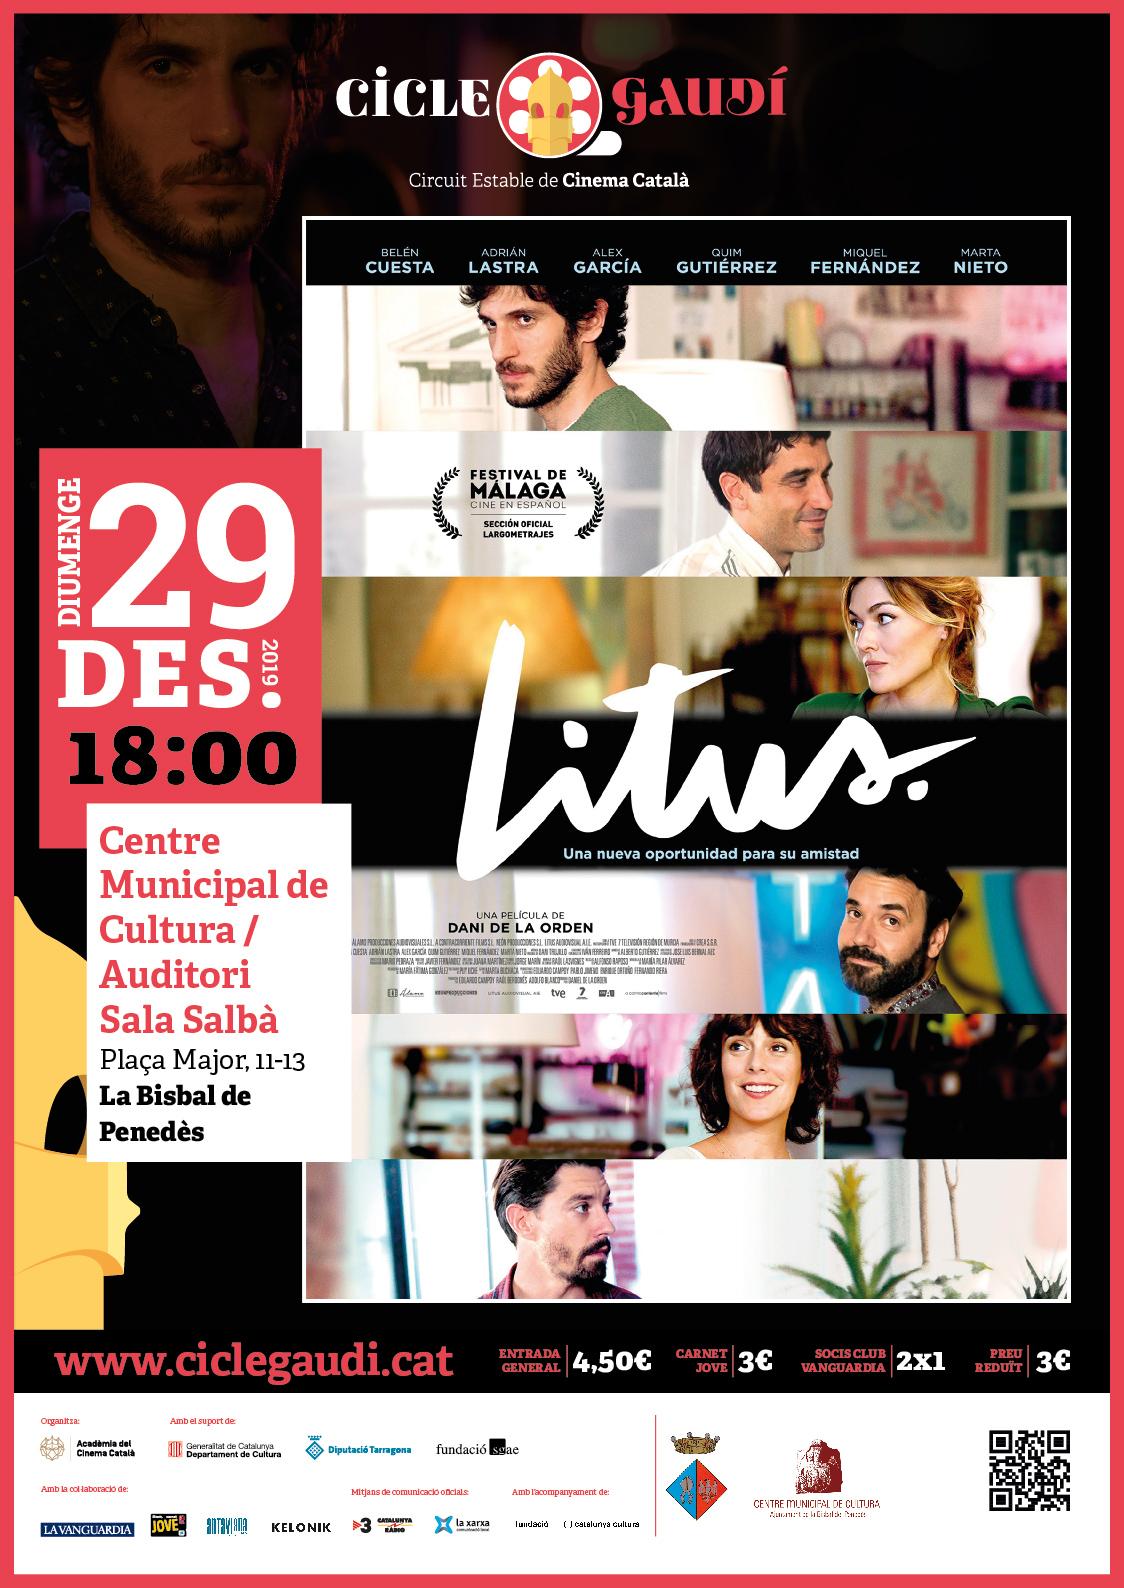 El diumenge 29 de desembre podreu veure la pel·lícula 'Litus' al CMC